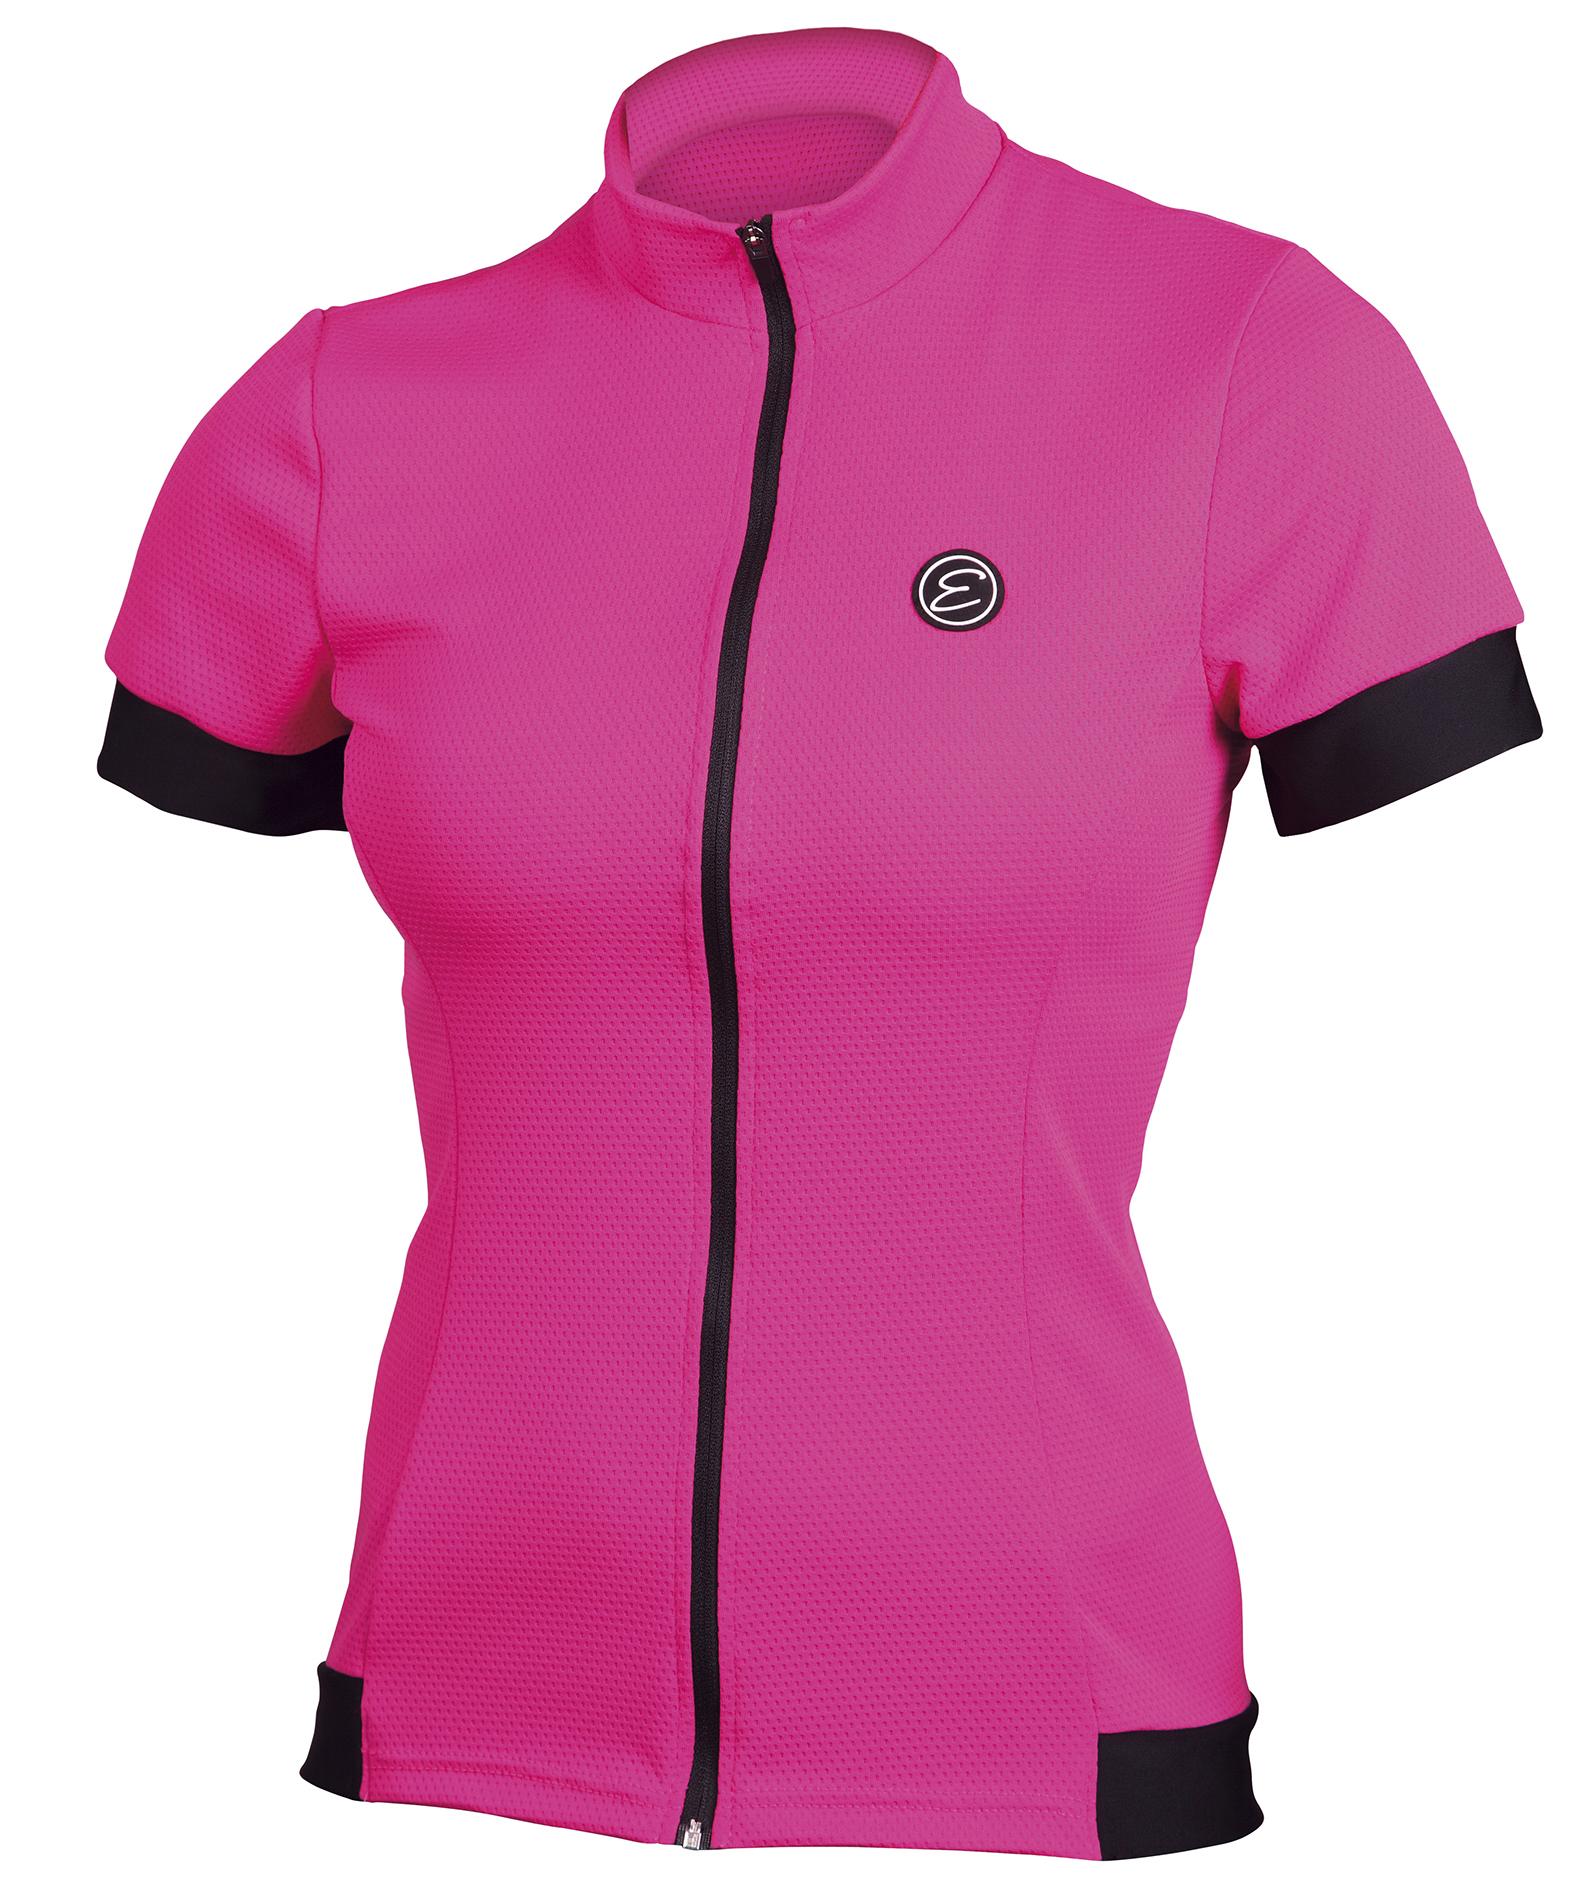 Dámský cyklistický dres ETAPE Donna, vel. M, růžová, model 2017 (Dámský dres Etape, dlouhý přední zip)